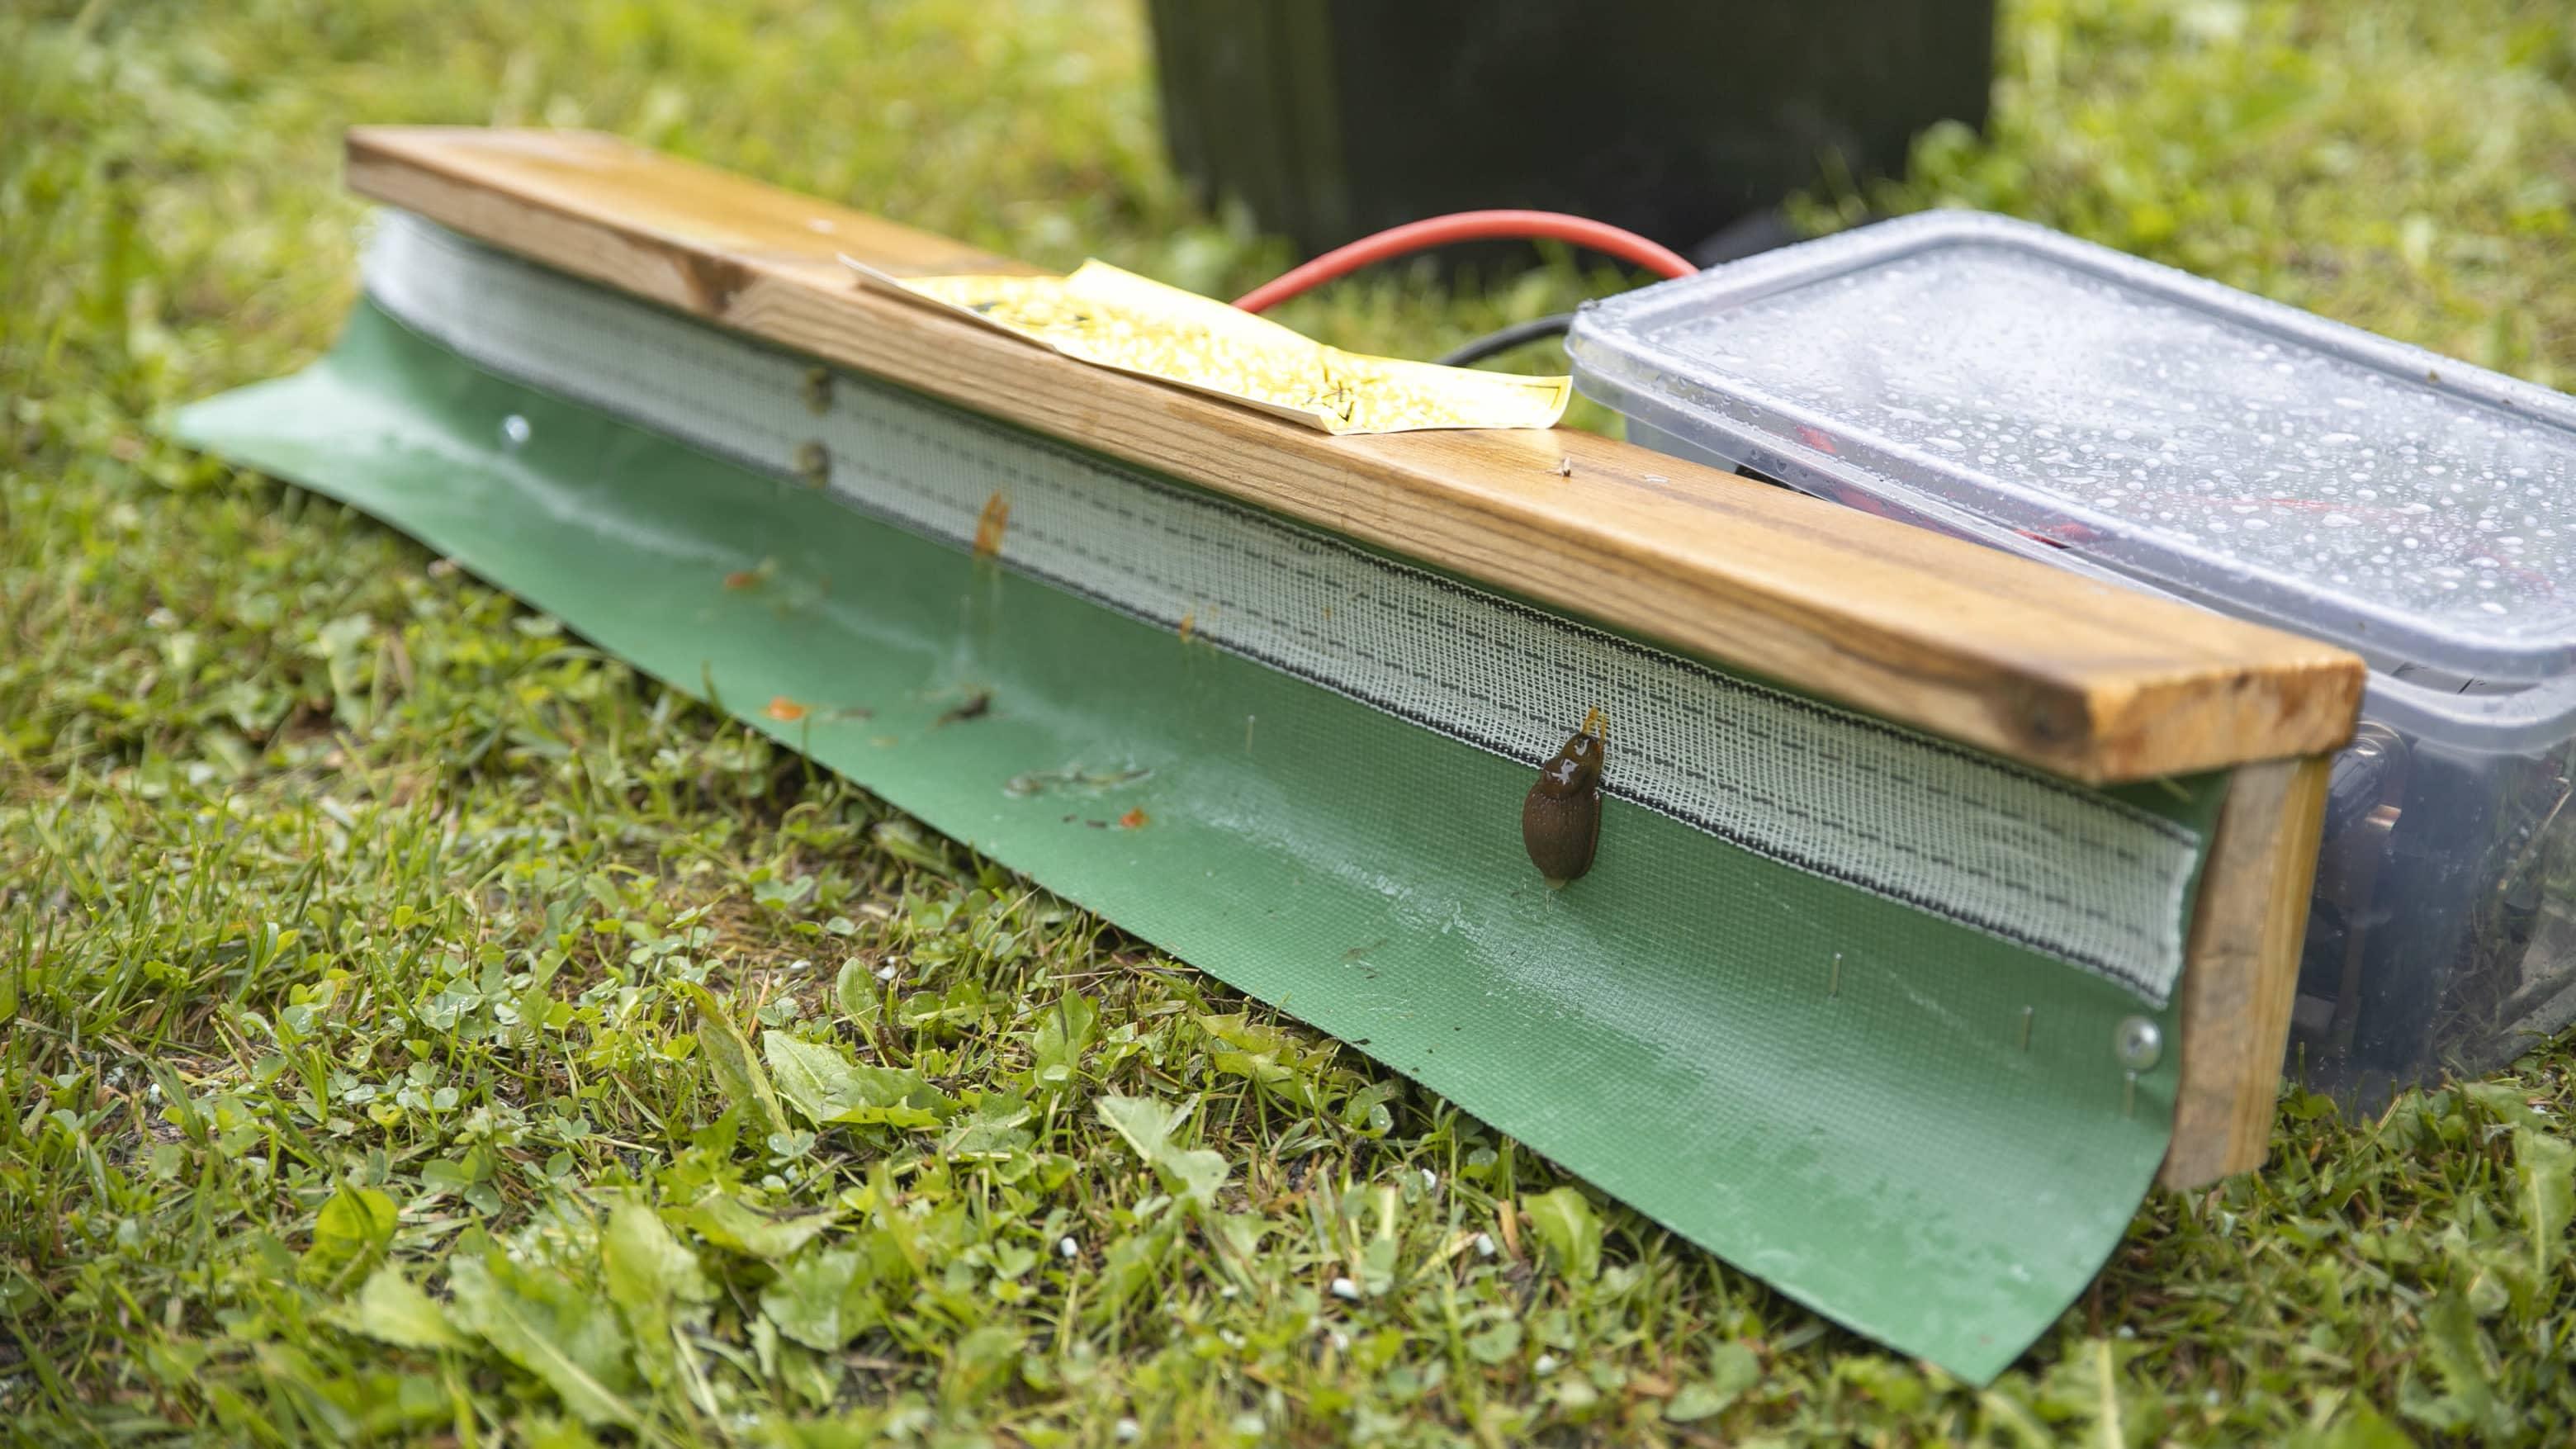 Tappajaetanoiden keräily on toistaiseksi kaupunkilaisten harteilla – katso miten sähköpaimen karkottaa tuholaisen